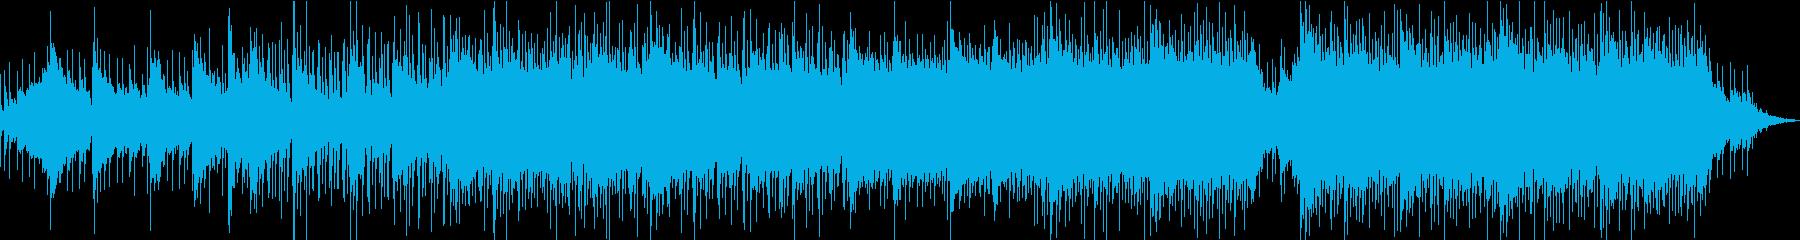 ポップ テクノ モダン 代替案 ア...の再生済みの波形